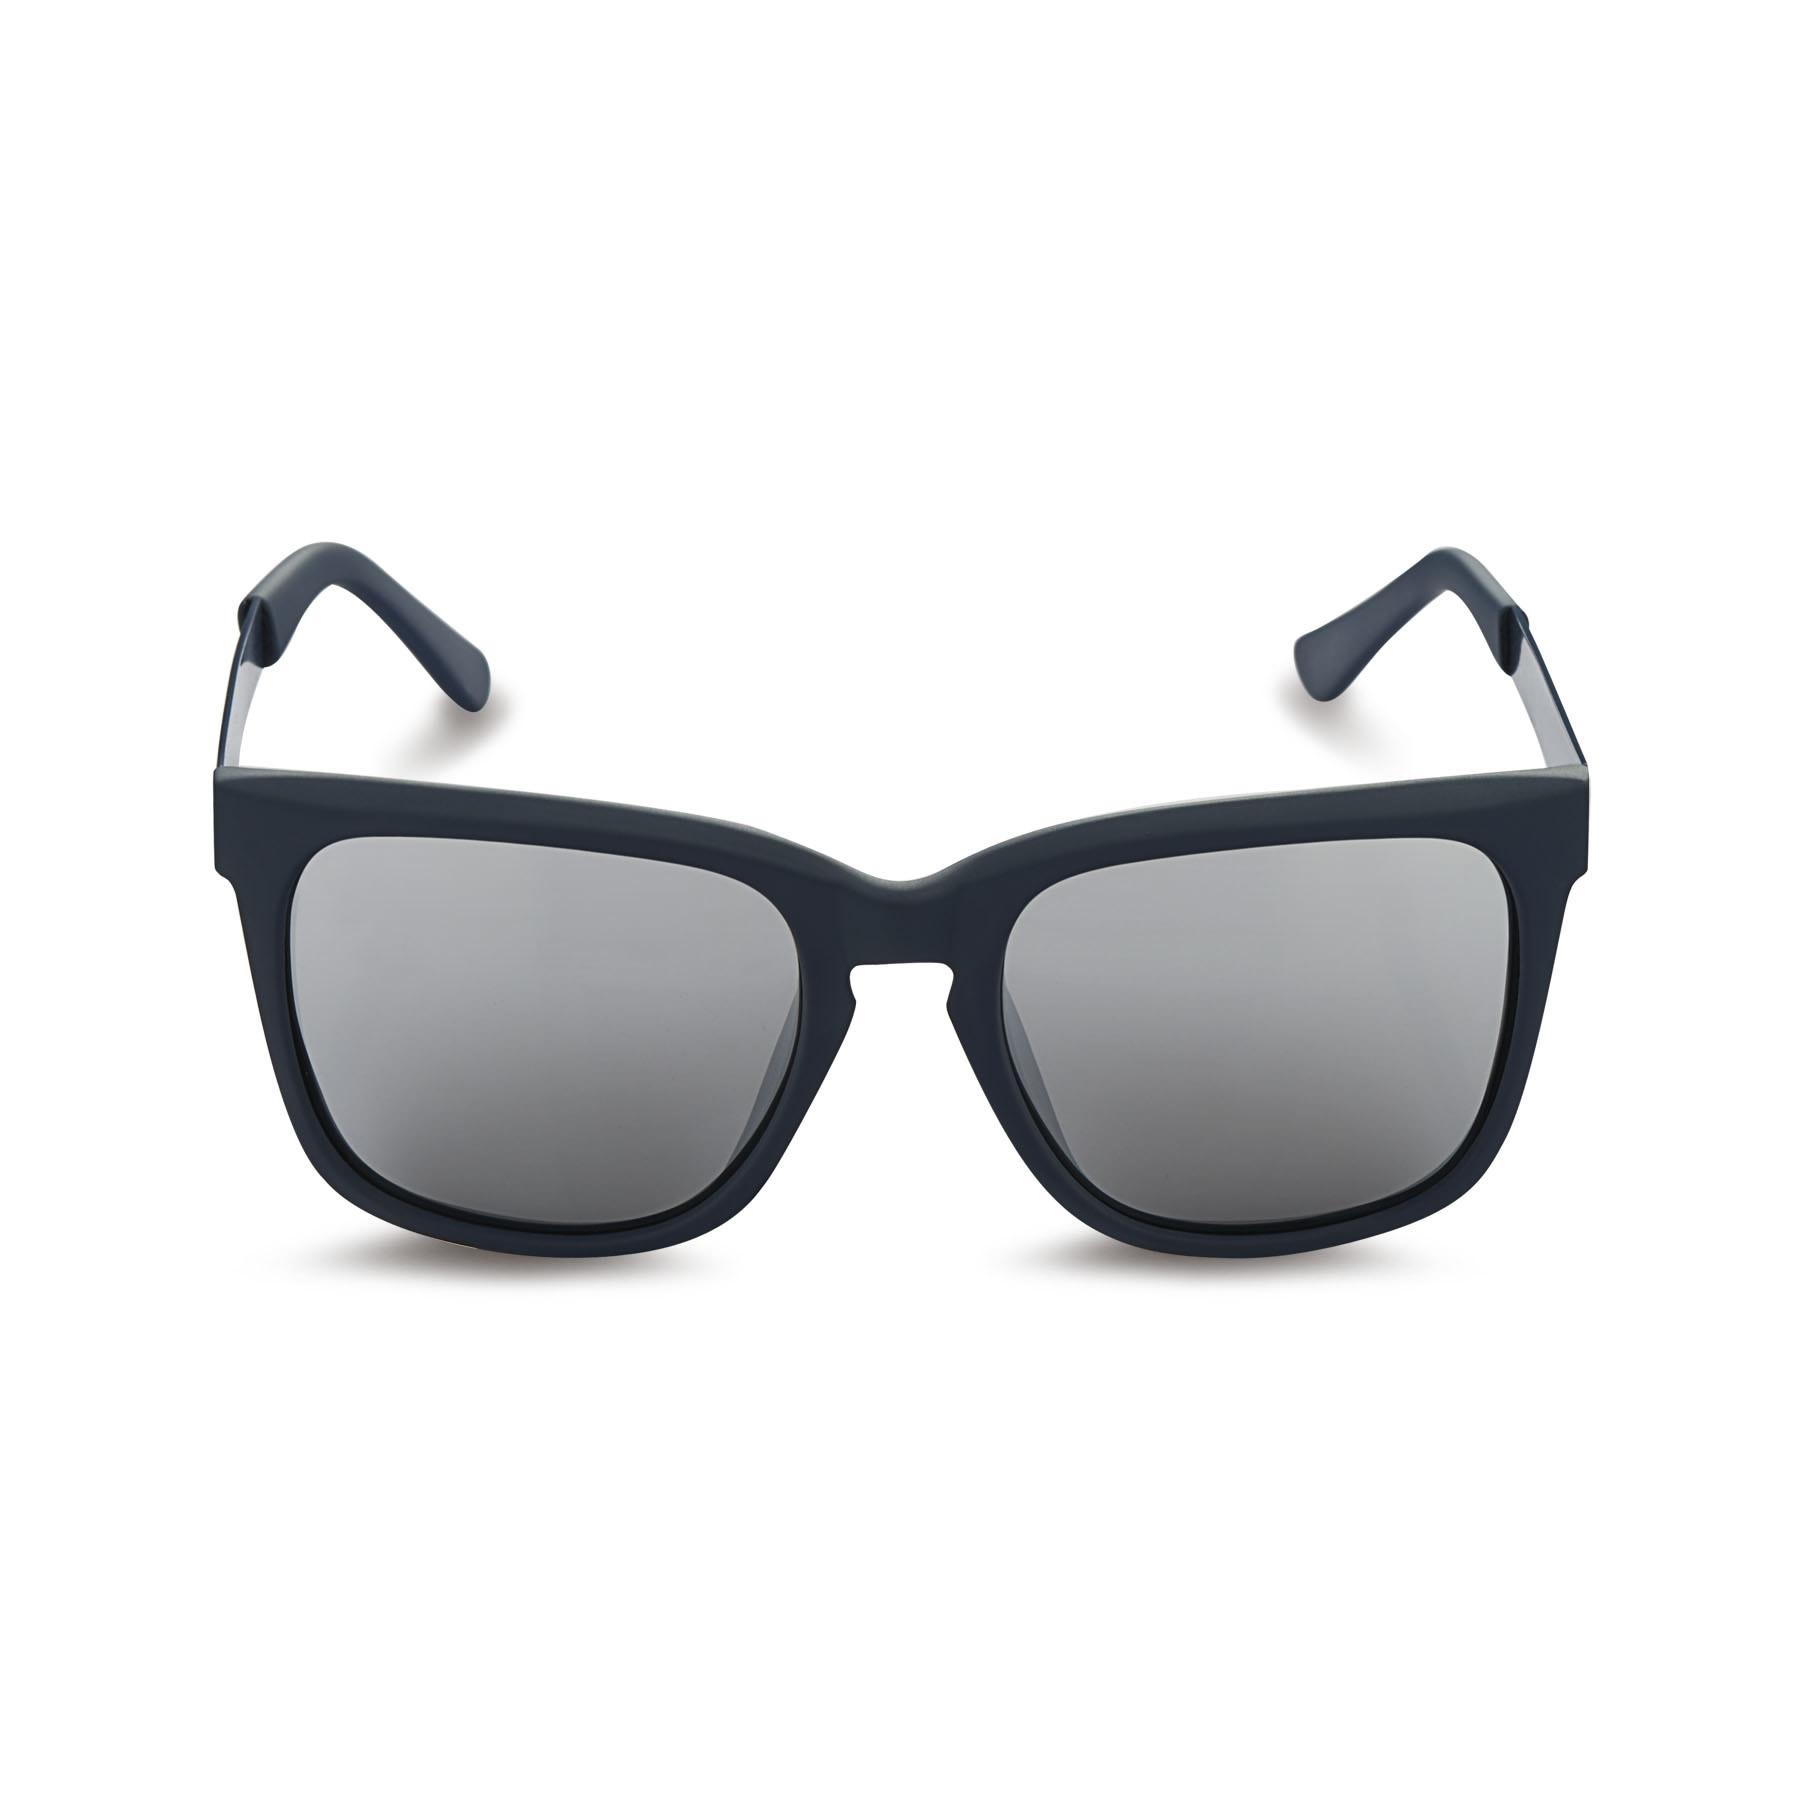 14a4ba76314 Caprio Unisex Mirrored Retro Square Sunglasses